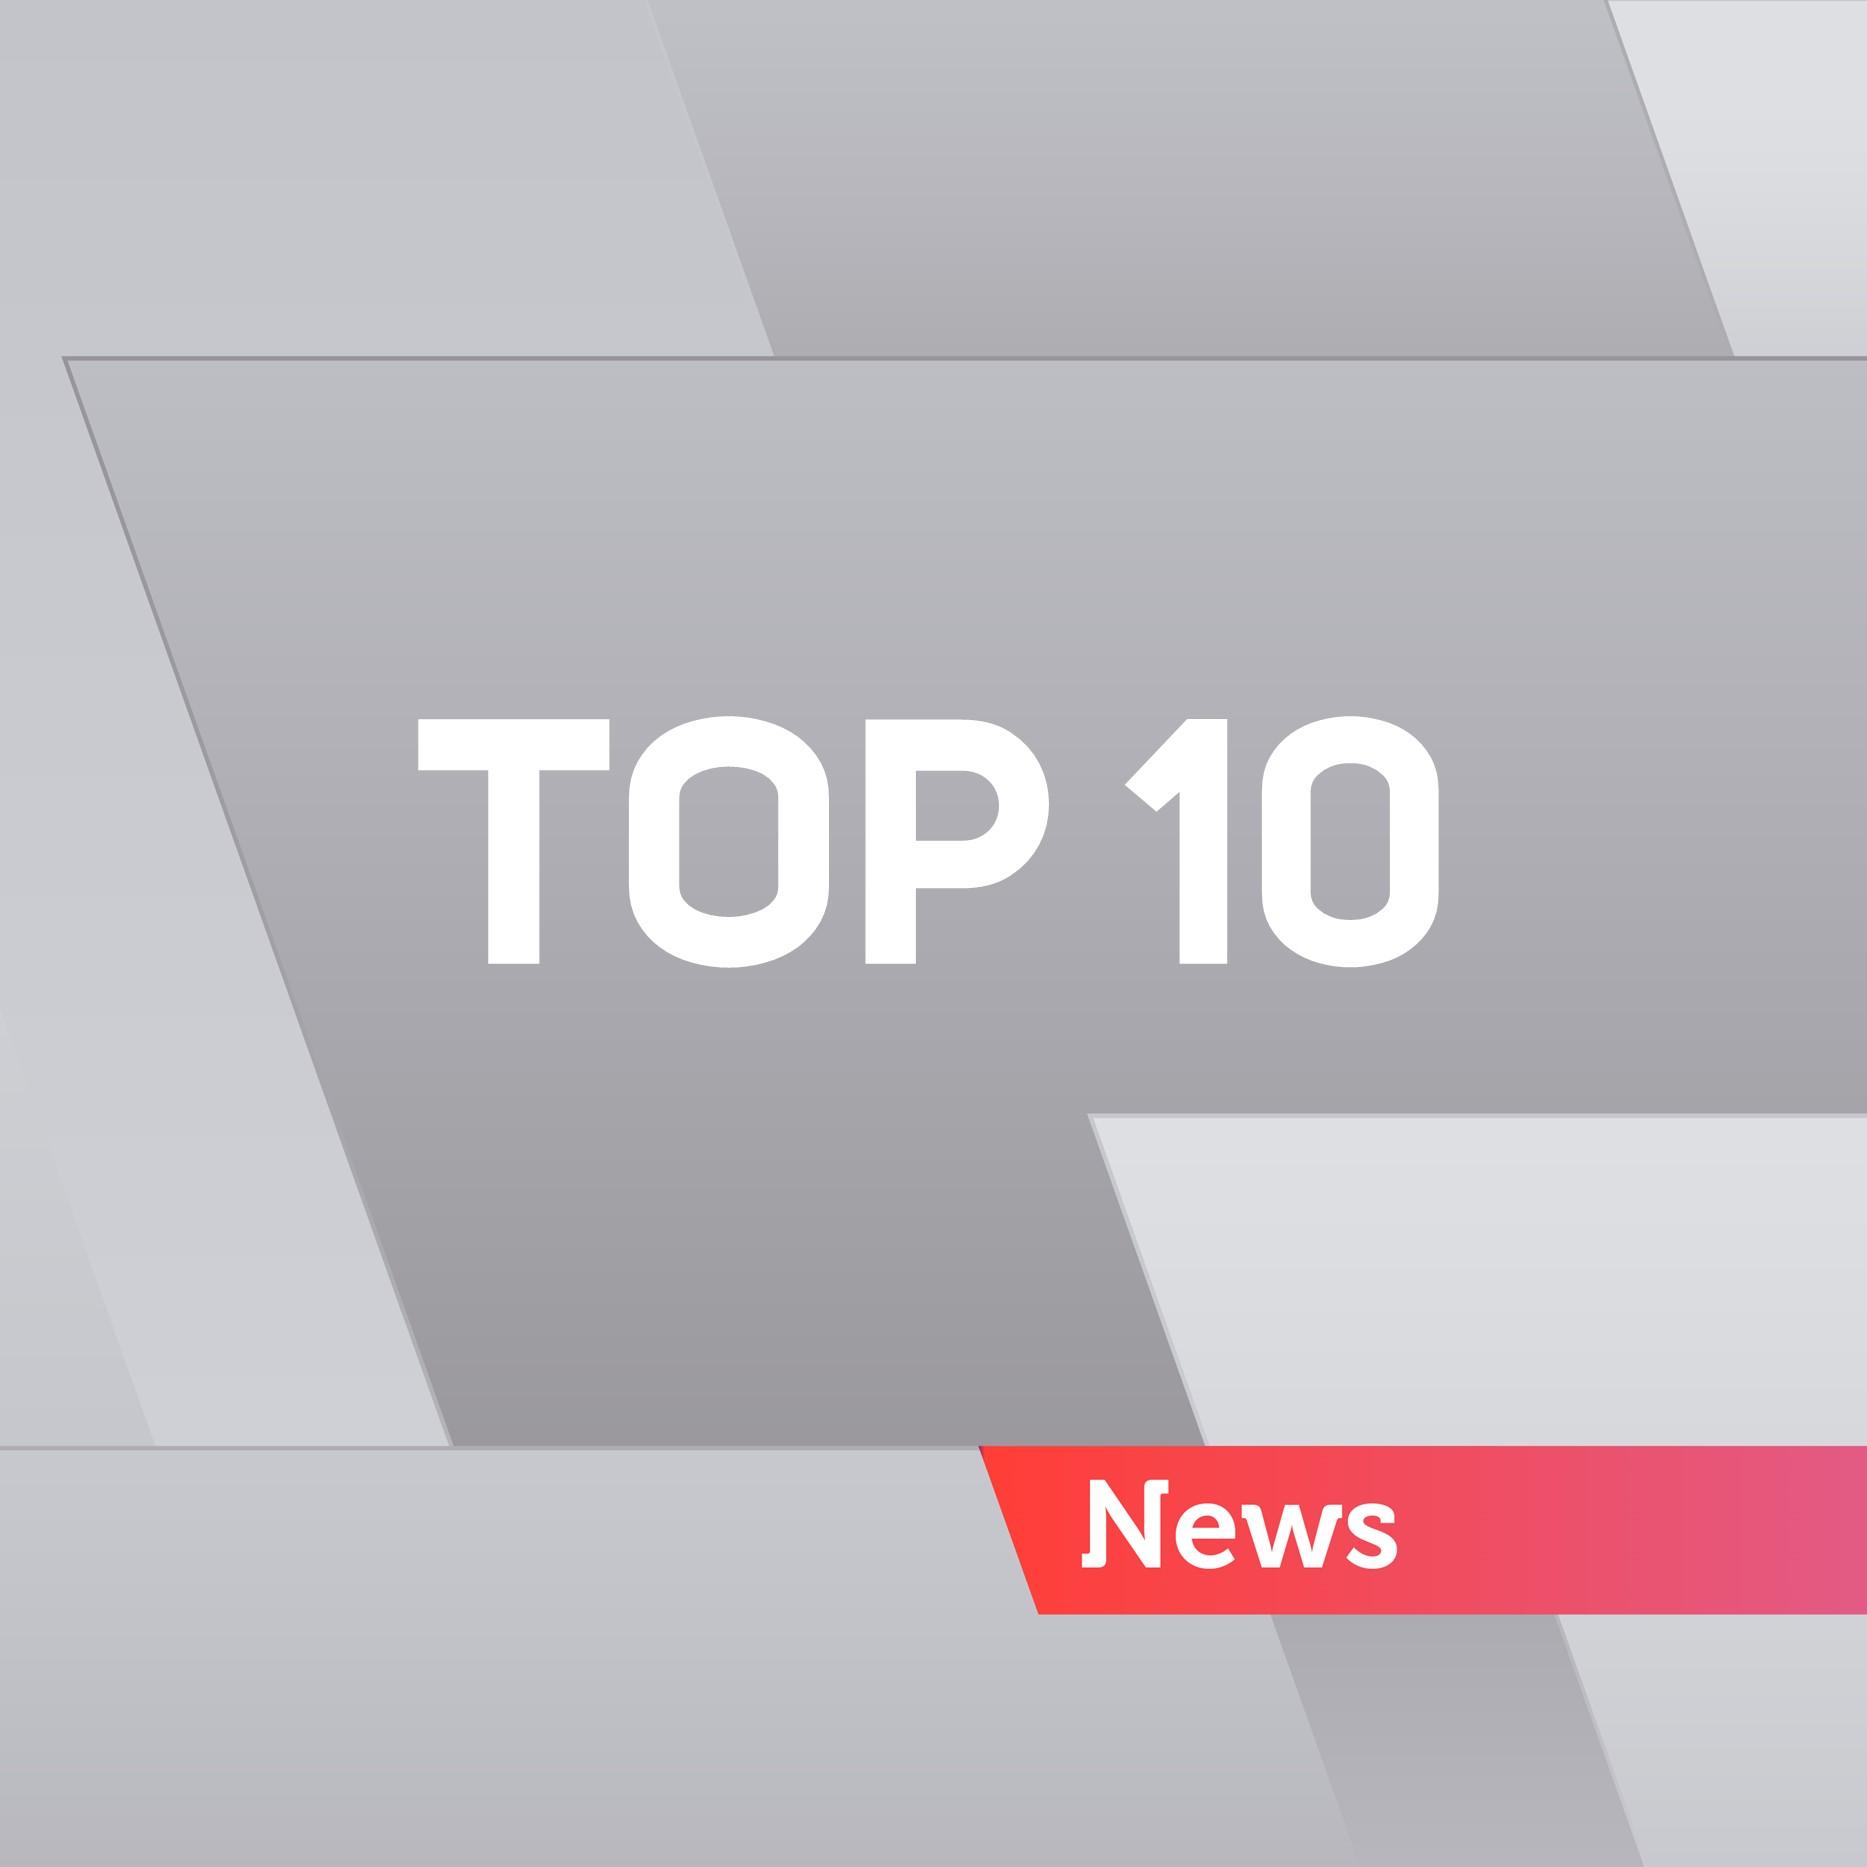 Top10 - Resumo Das Principais Notícias Da Manhã 27/12/2016